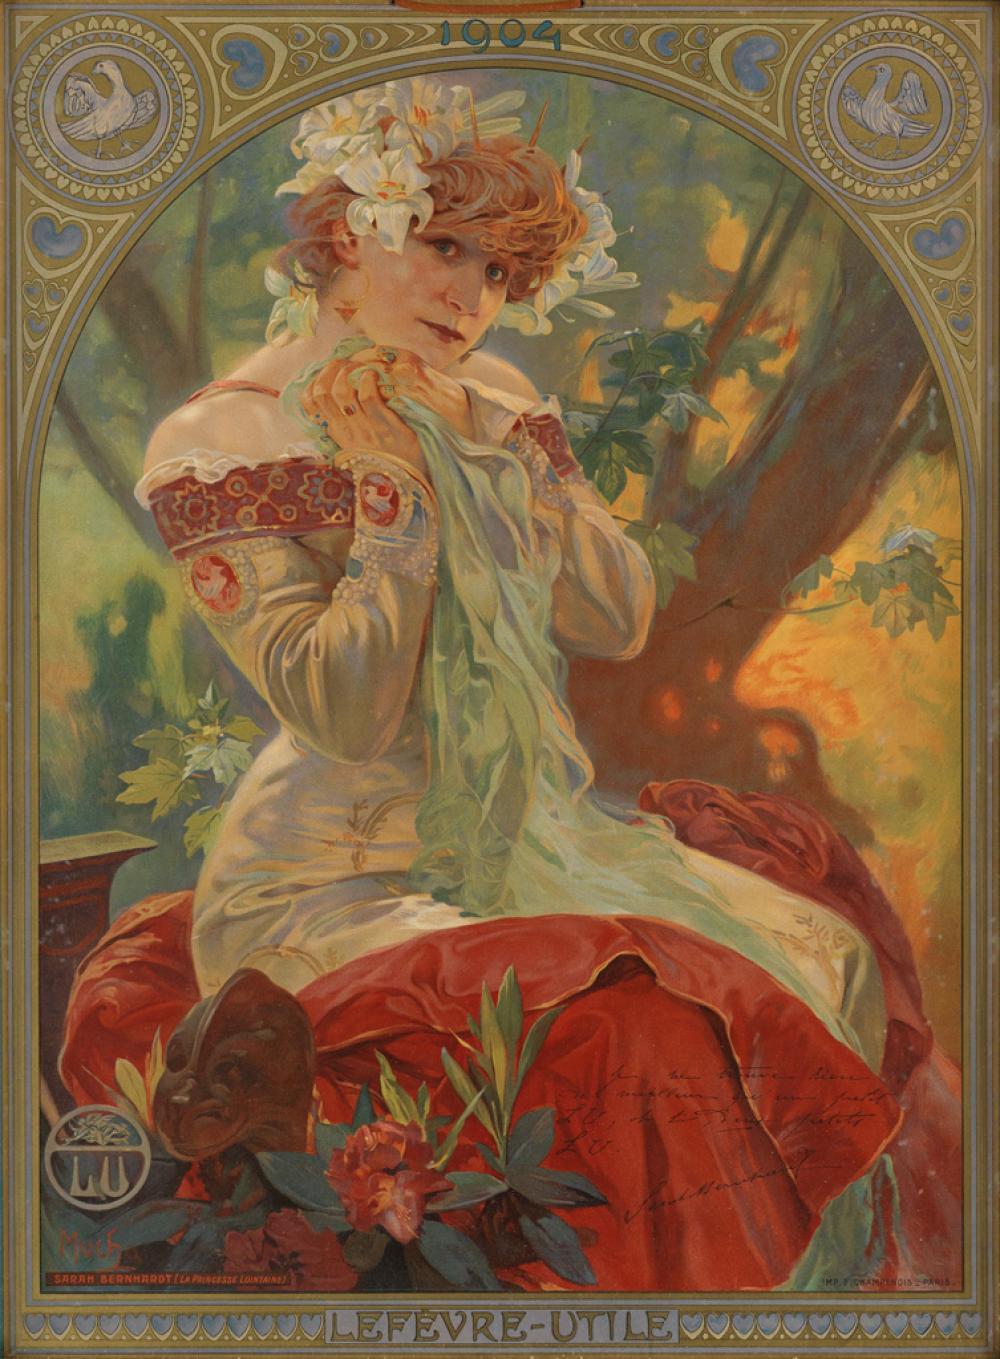 ALPHONSE MUCHA (1860-1939). LEFÈVRE - UTILE / SARAH BERNHARDT. 1903. 27x20 inches, 69x50 cm. F. Champenois, Paris.